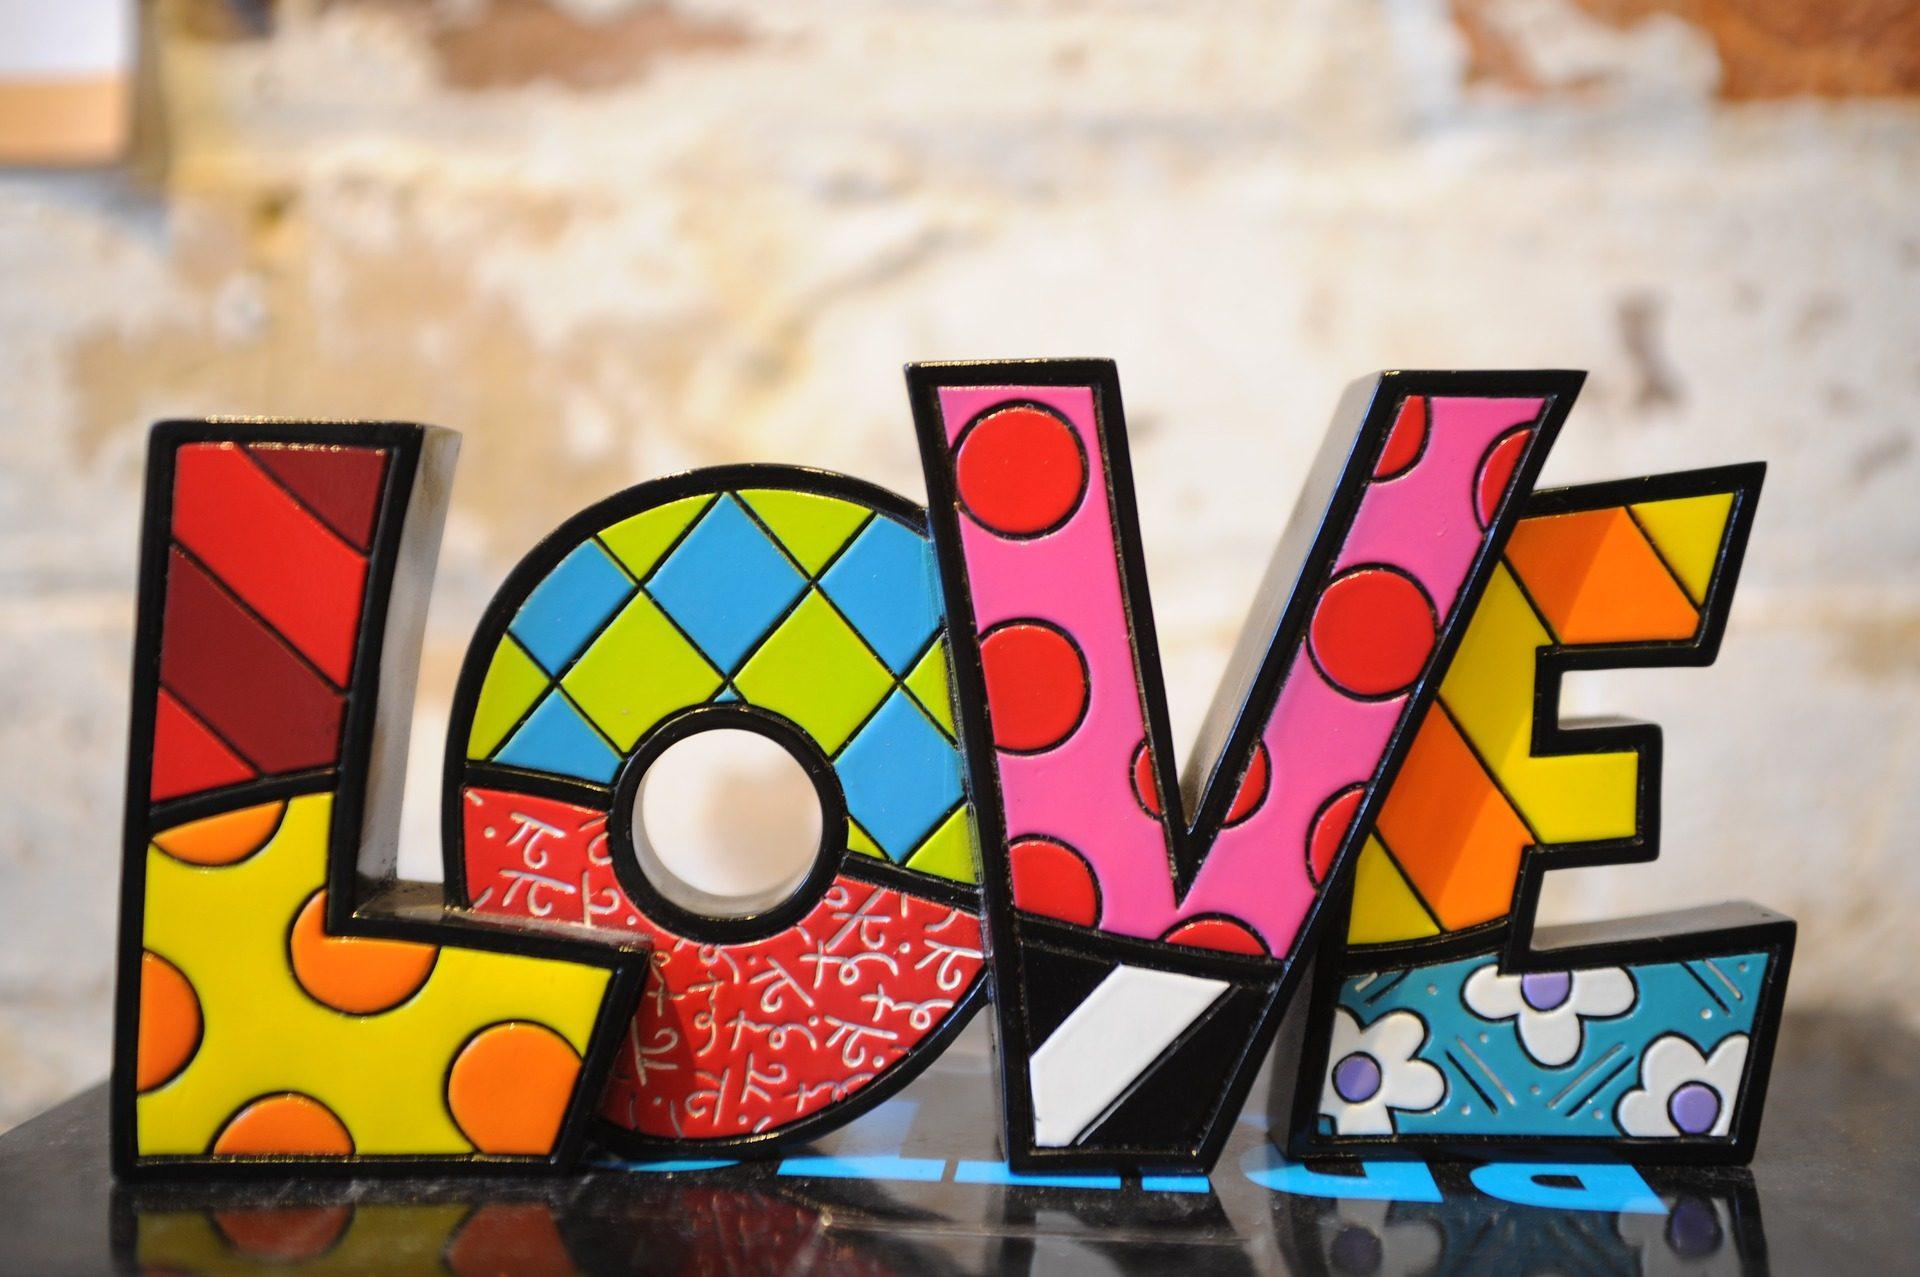 testi, colorato, Lunar, Stripes, fiori, amore - Sfondi HD - Professor-falken.com